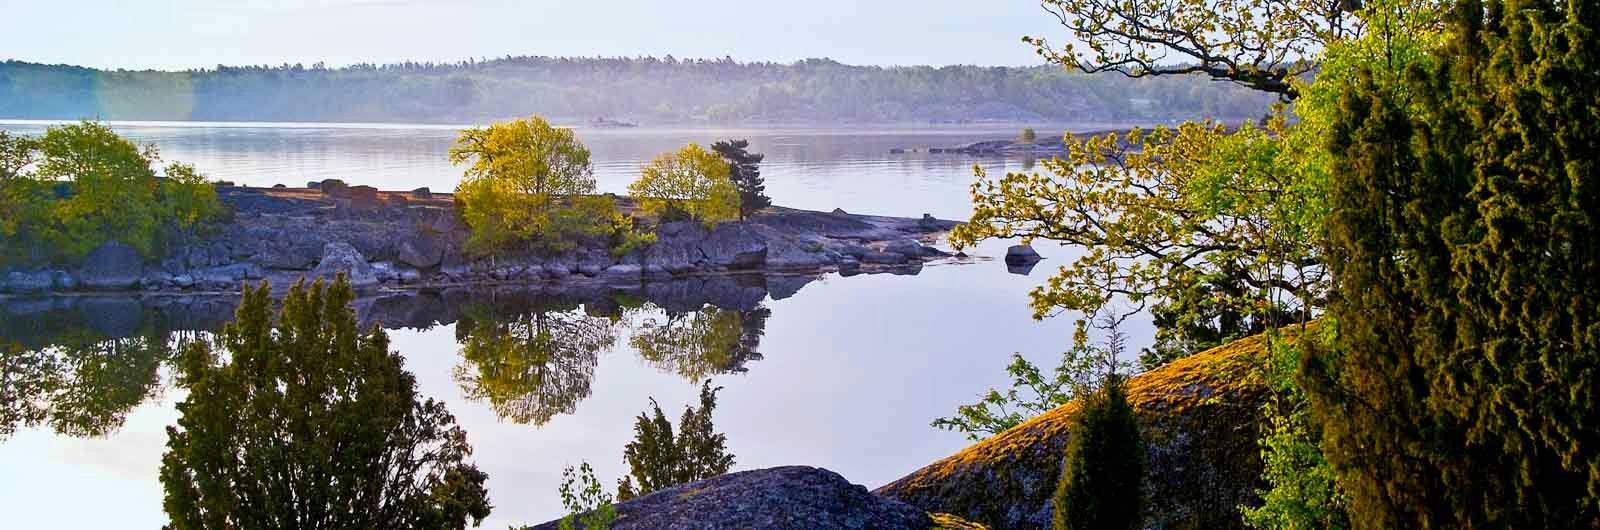 utsikt över sjö under vandring på blekingeleden